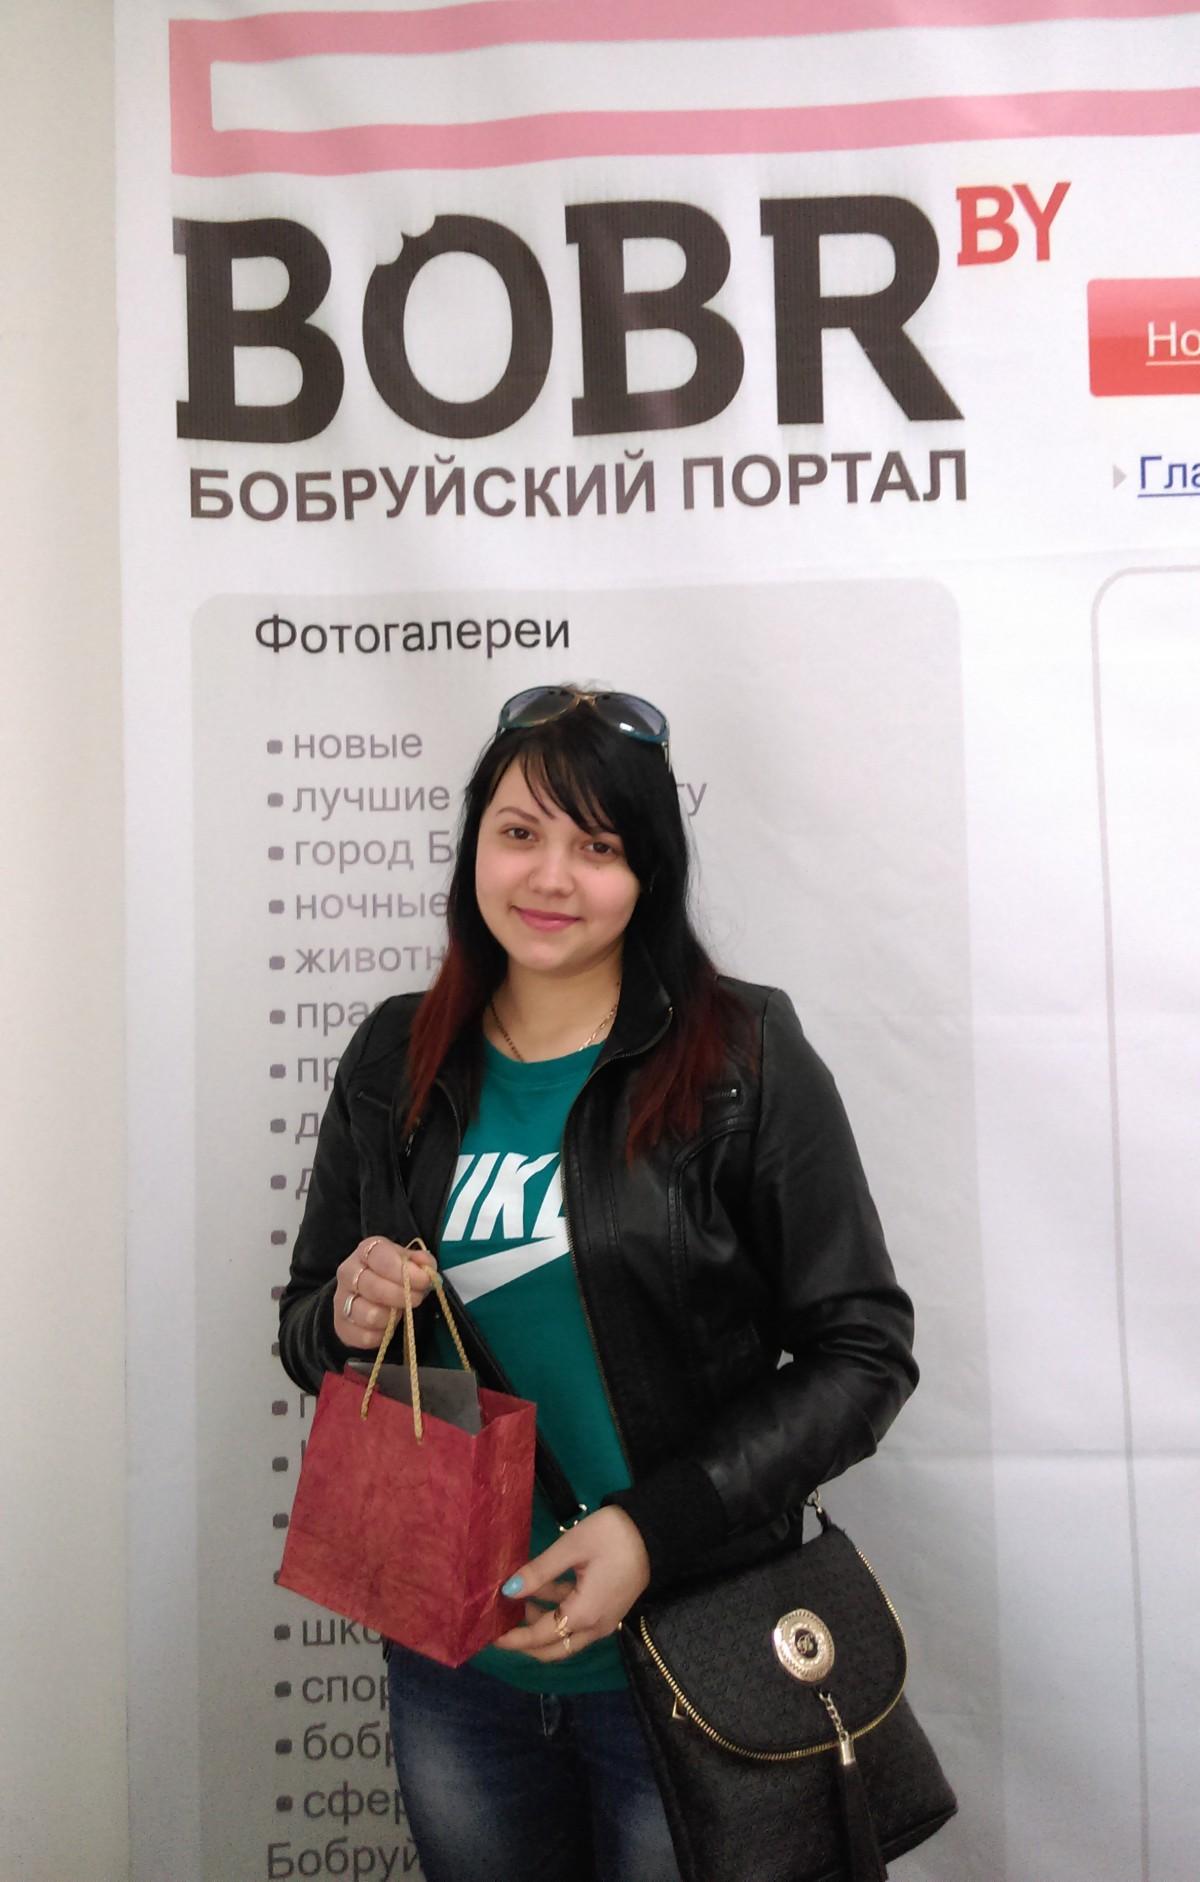 Победительница первоапрельского конкурса посетила офис BOBR.by